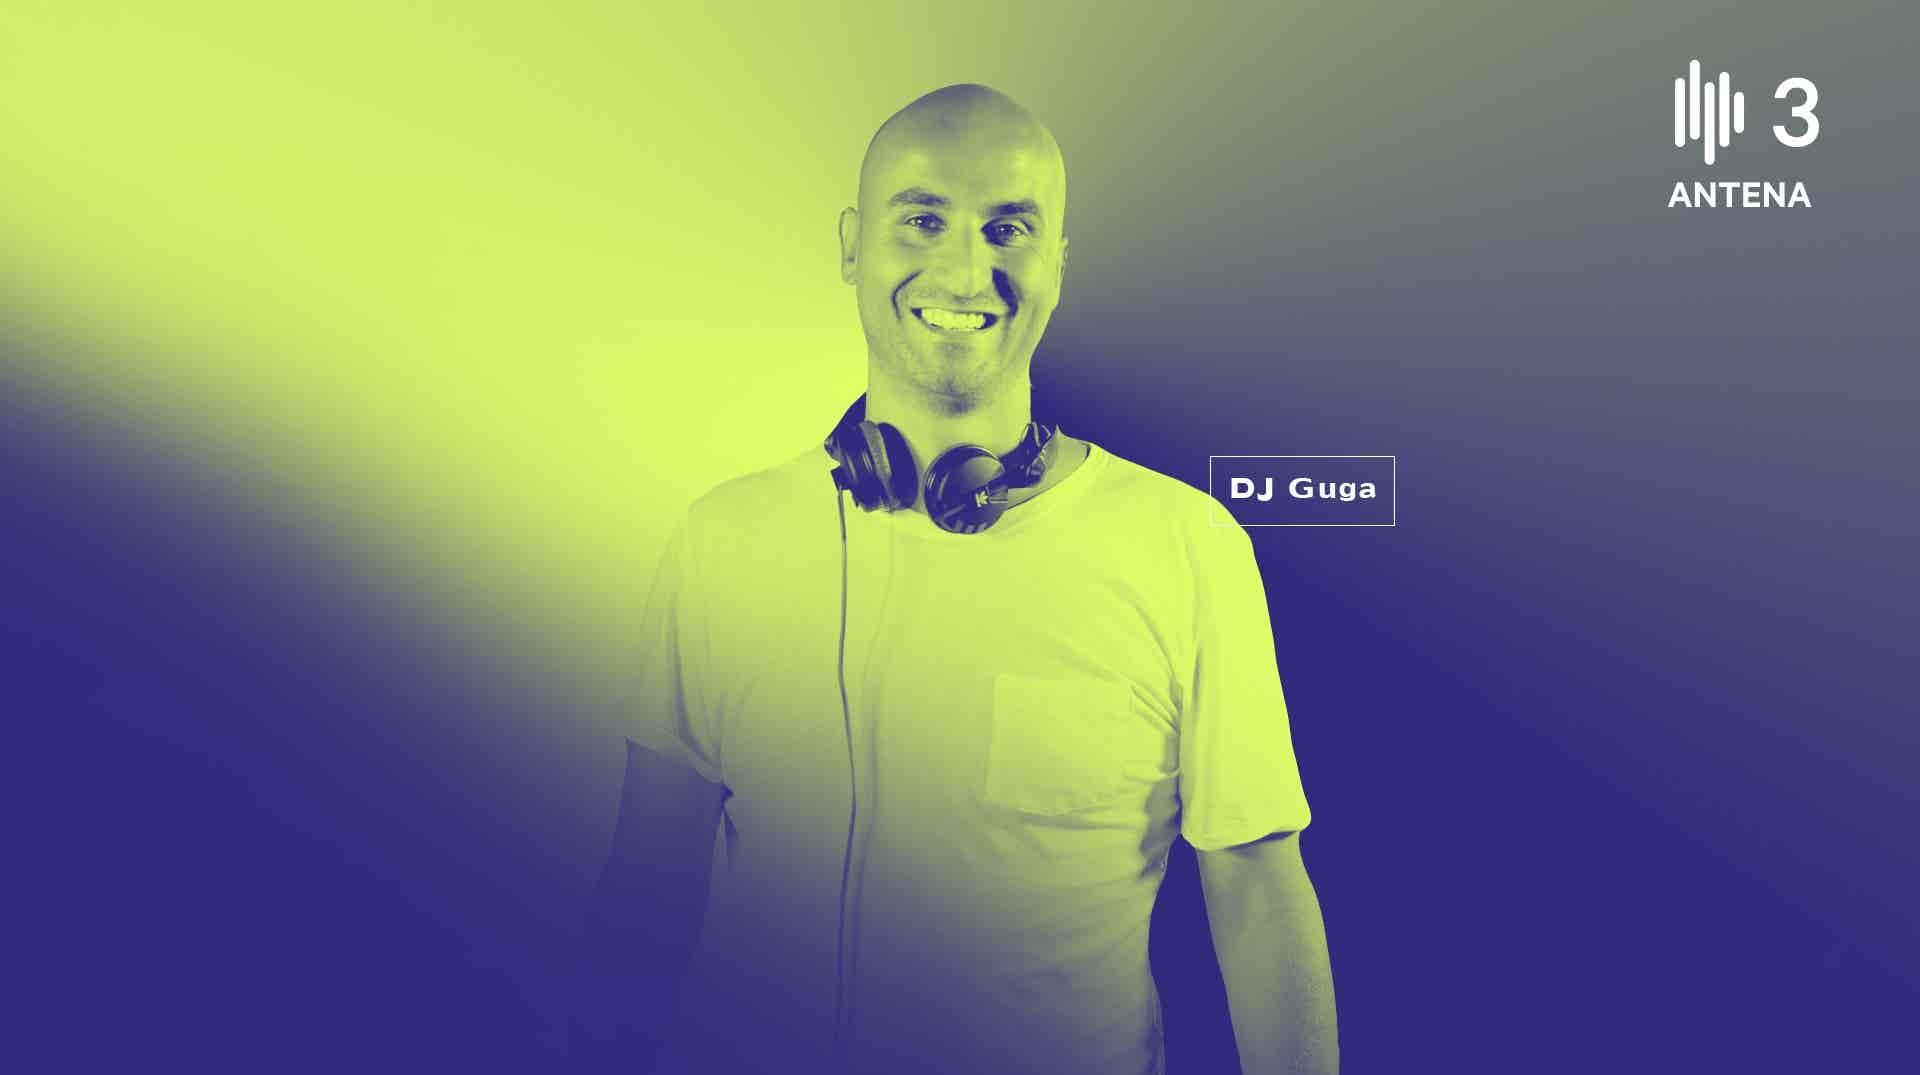 A dança alternativa na Antena 3 com DJ set e apresentação de DJ Guga. Online em: facebook.com/3dantena3 | facebook.com/djgugaoficial